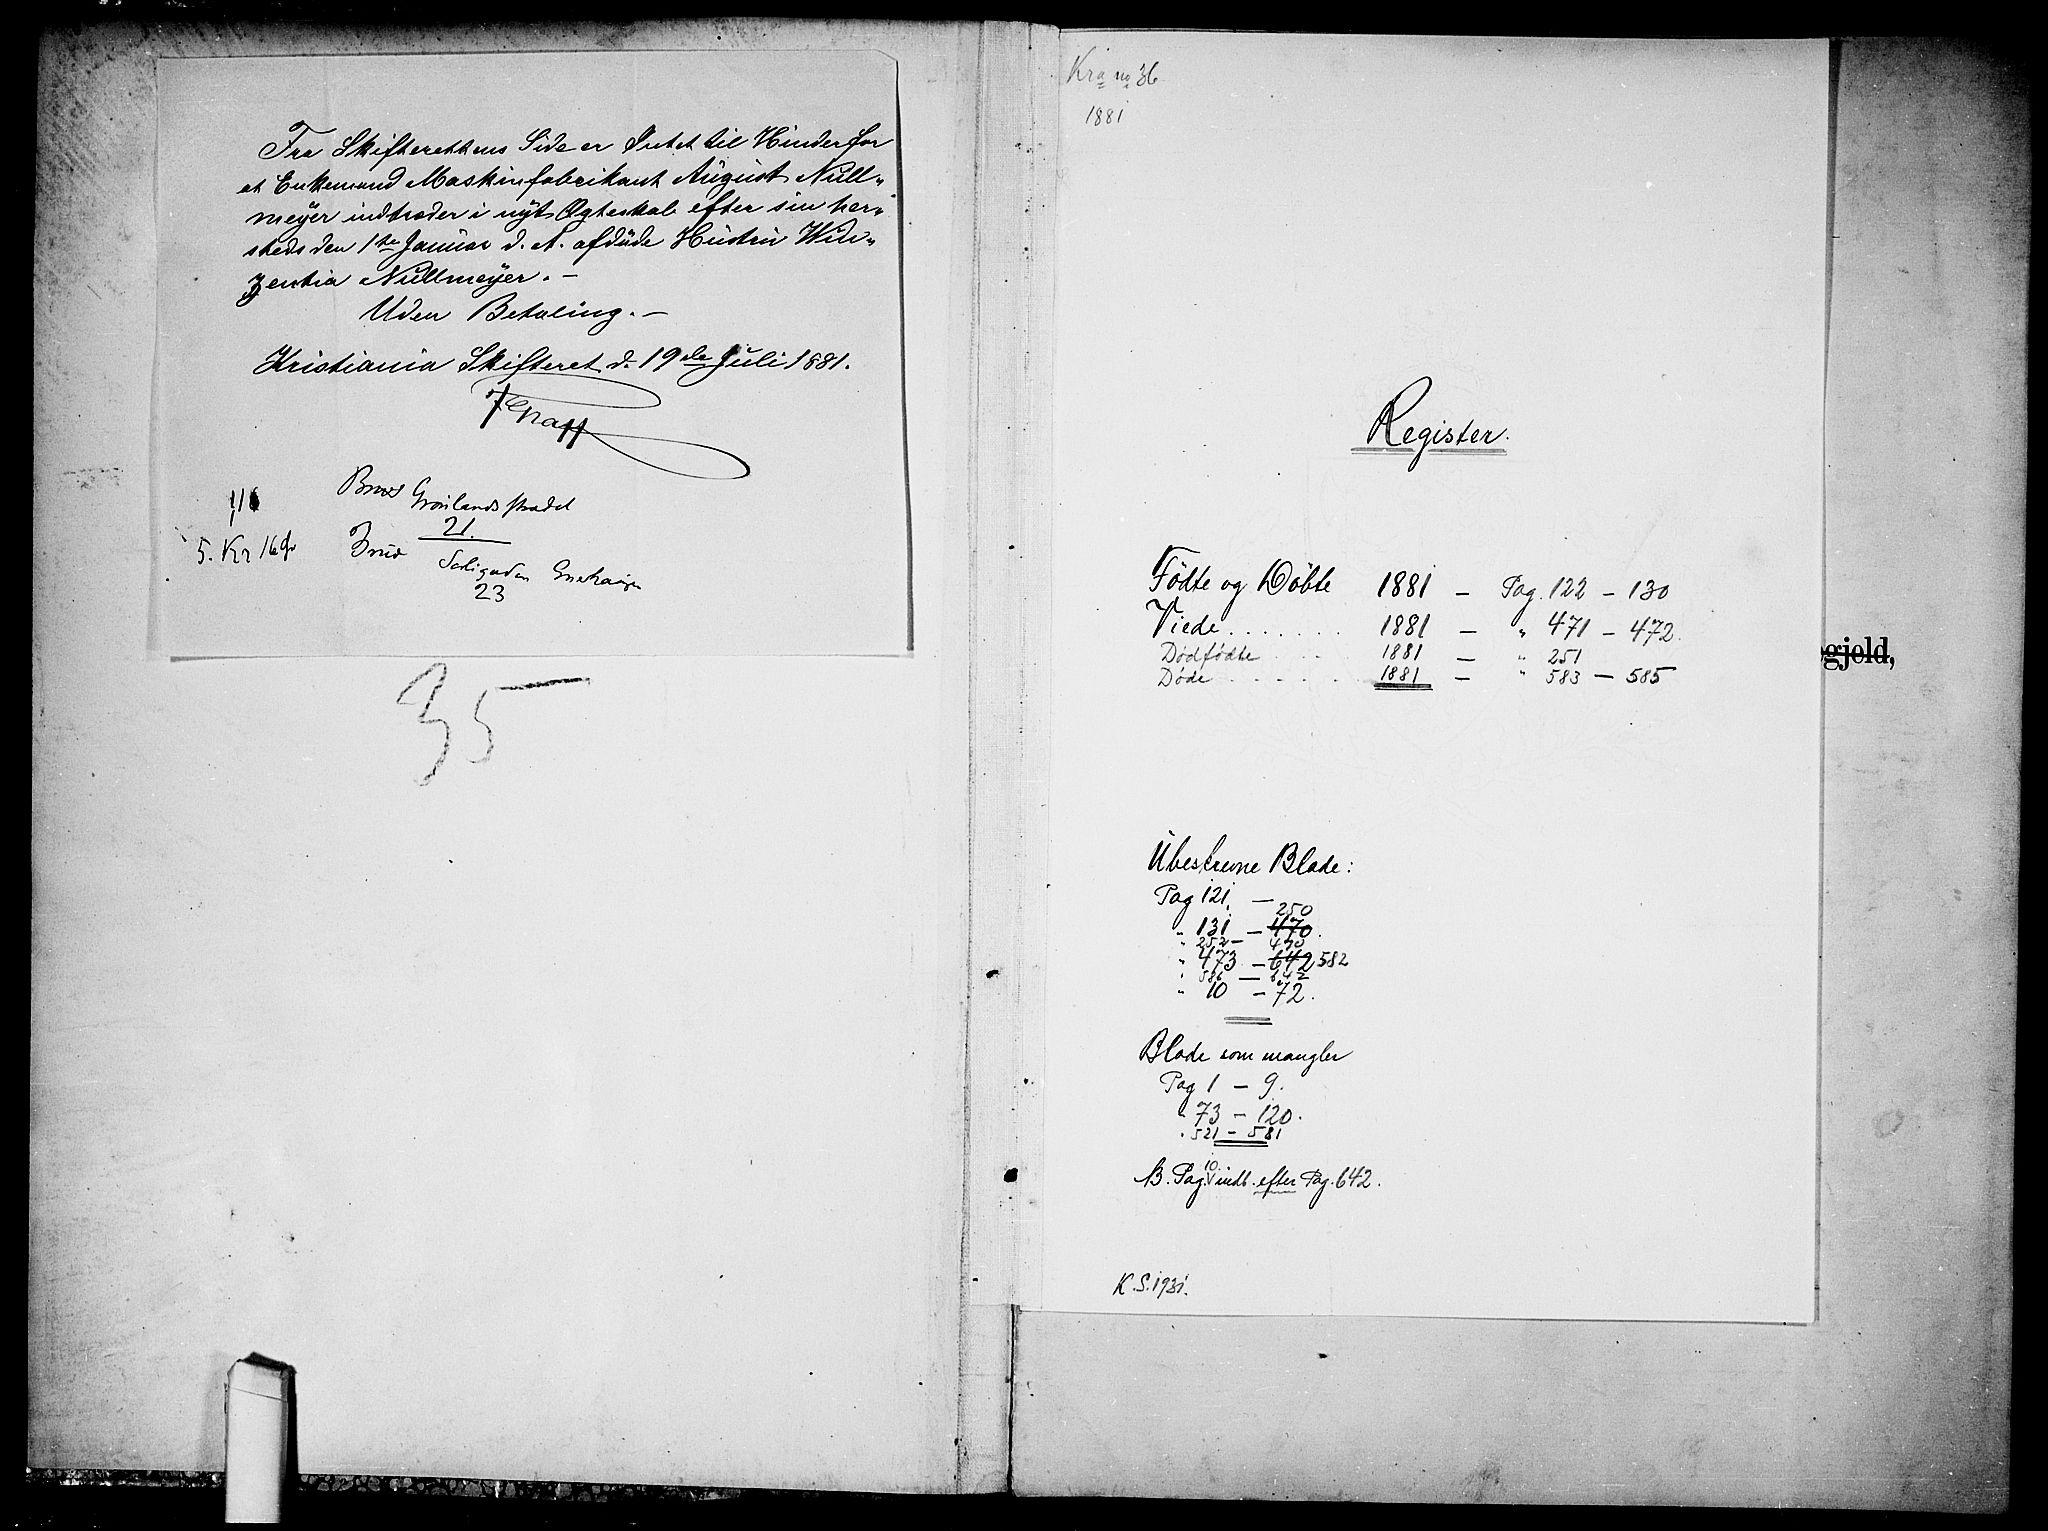 SAO, Garnisonsmenigheten Kirkebøker, G/Ga/L0007: Klokkerbok nr. 7, 1881-1881